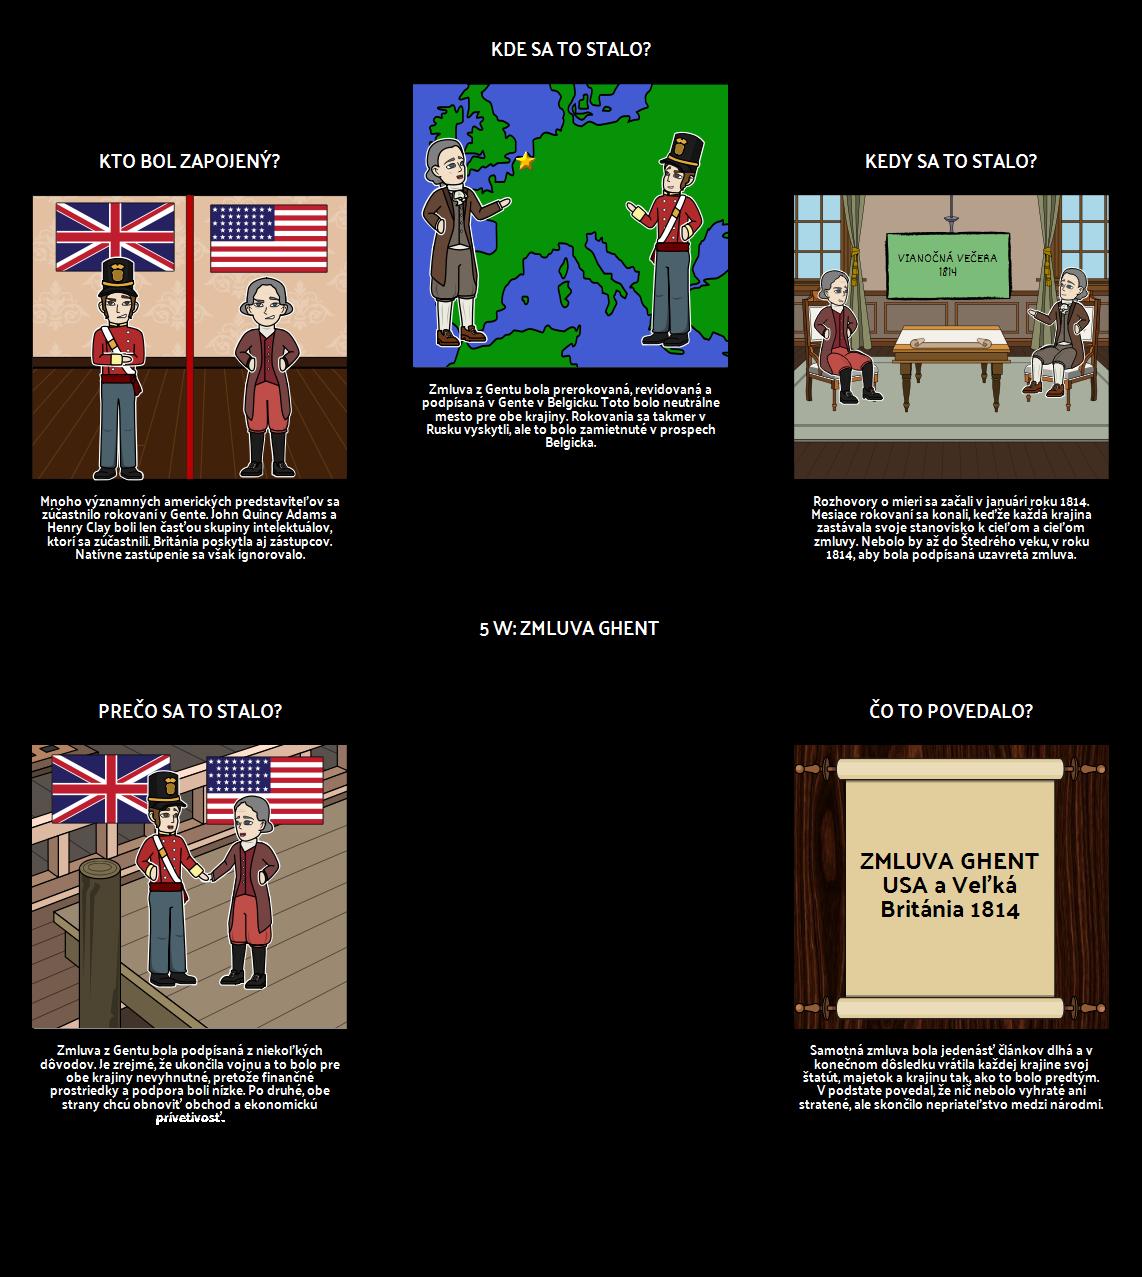 Vojna z roku 1812 - 5 W Zmluvy z Gentu